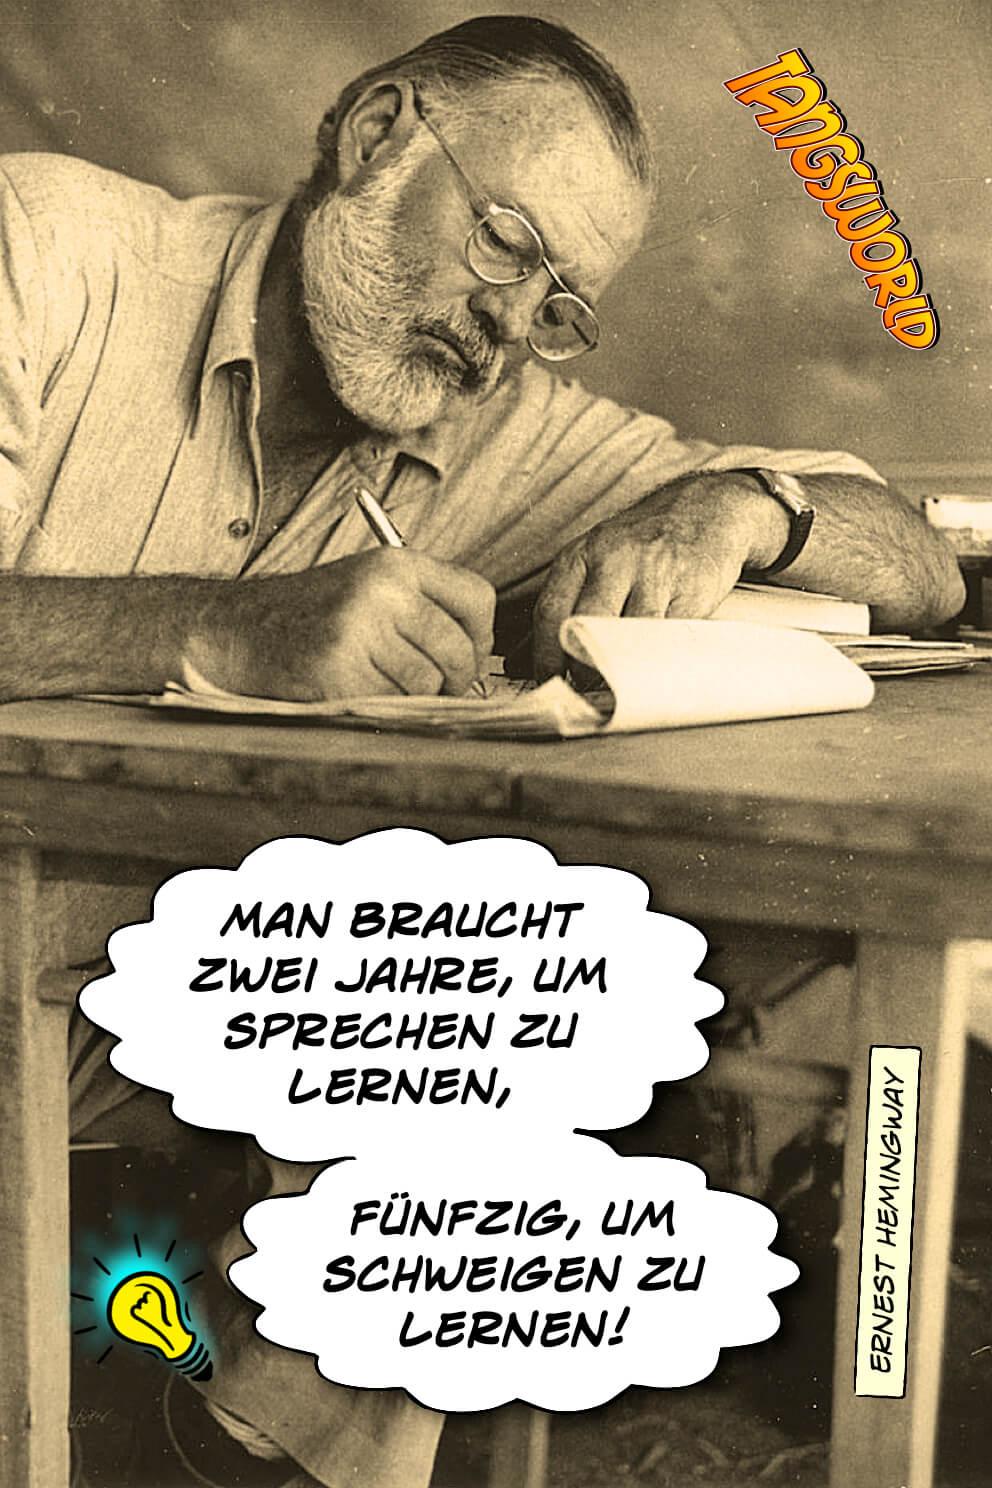 Man braucht zwei Jahre, um sprechen zu lernen - fünfzig, um schweigen zu lernen. - Geistesblitze | Ernest Hemingway